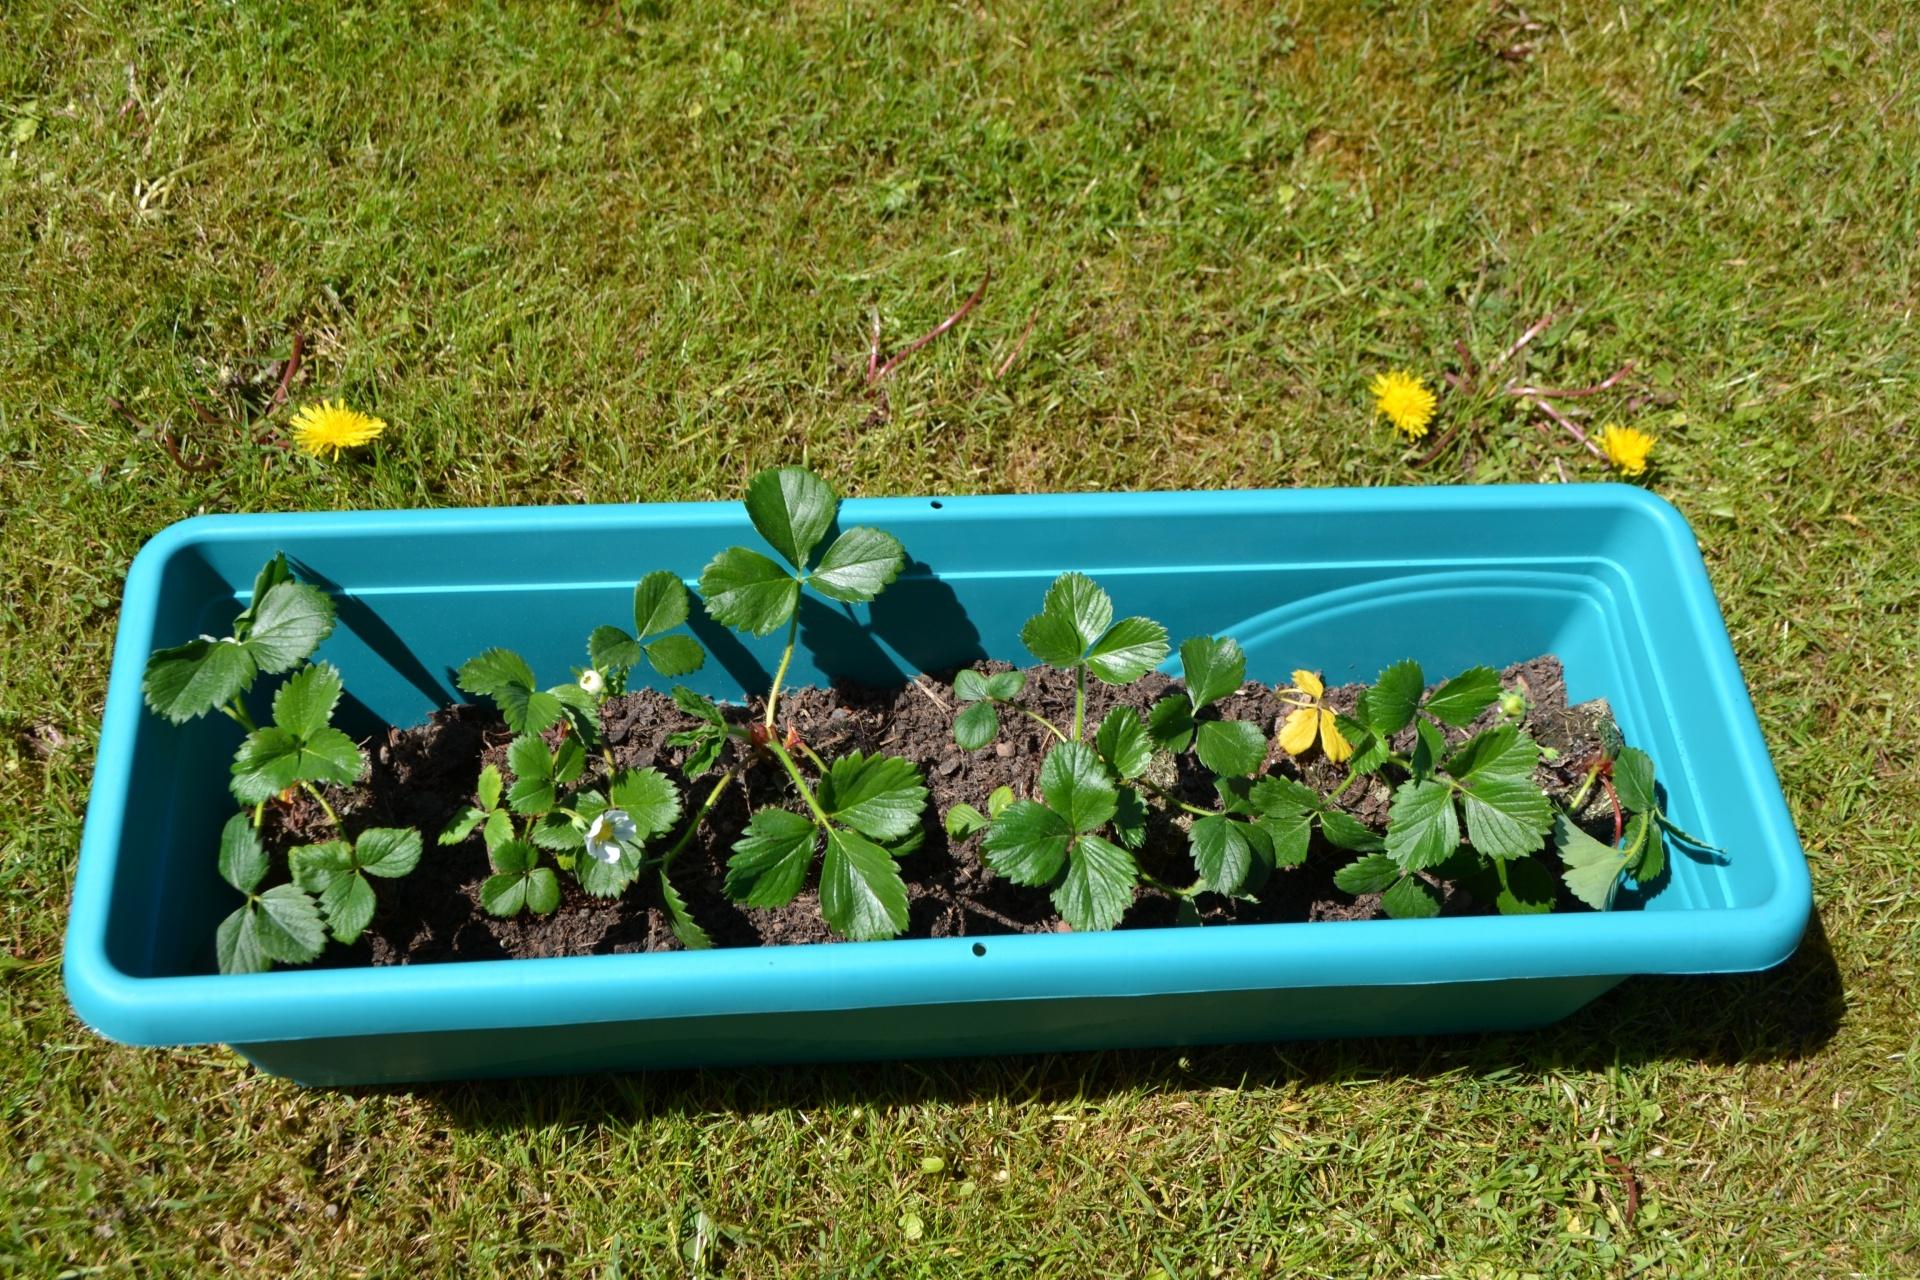 erdbeeren pflanzen balkon erdbeeren auf balkon pflanzen. Black Bedroom Furniture Sets. Home Design Ideas